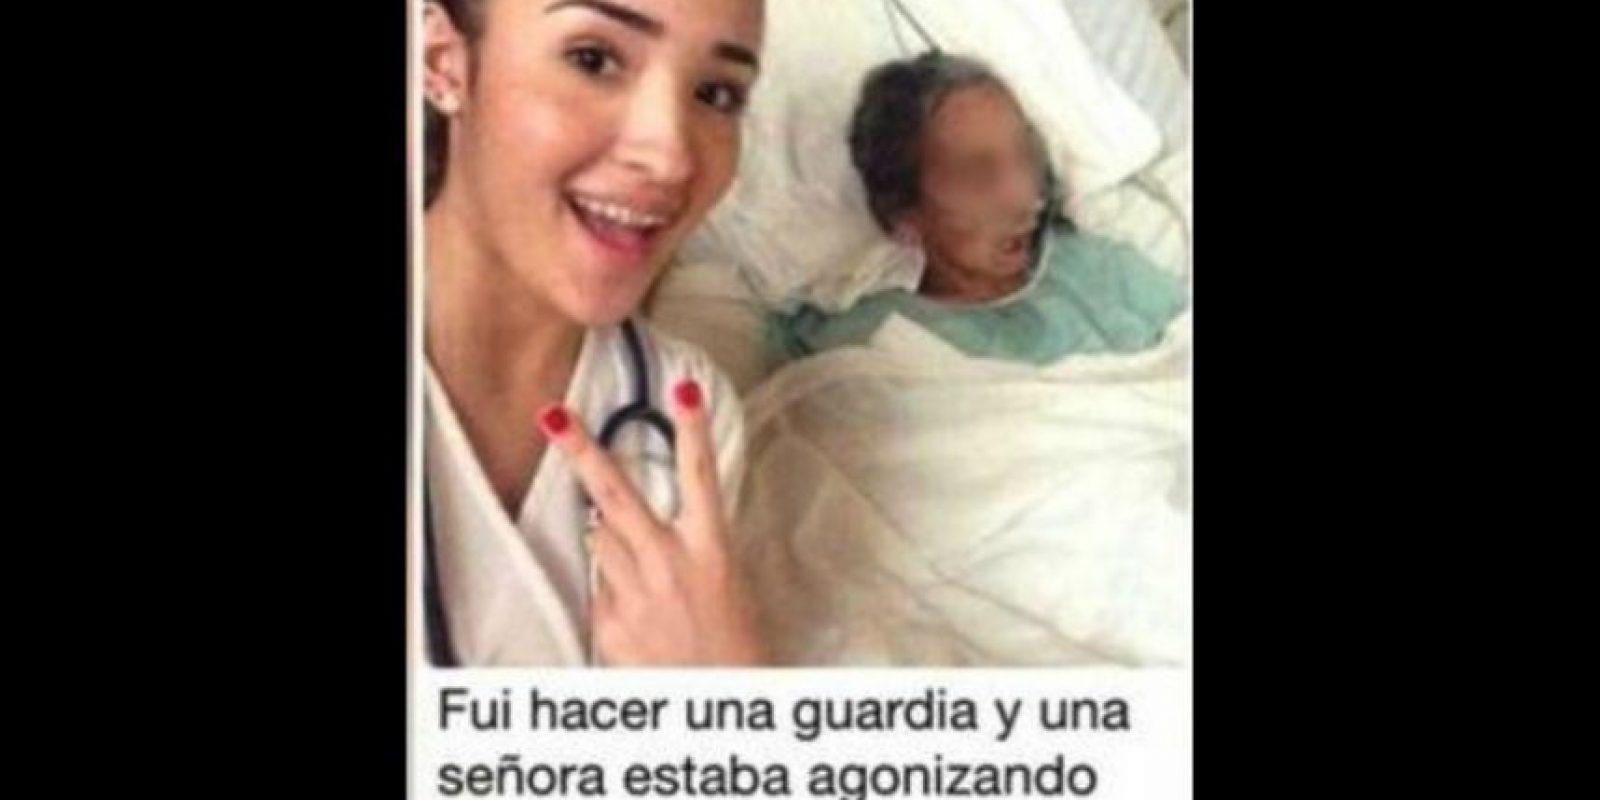 Esta fotografía está causando indignación en redes sociales. Foto:Twitter.com